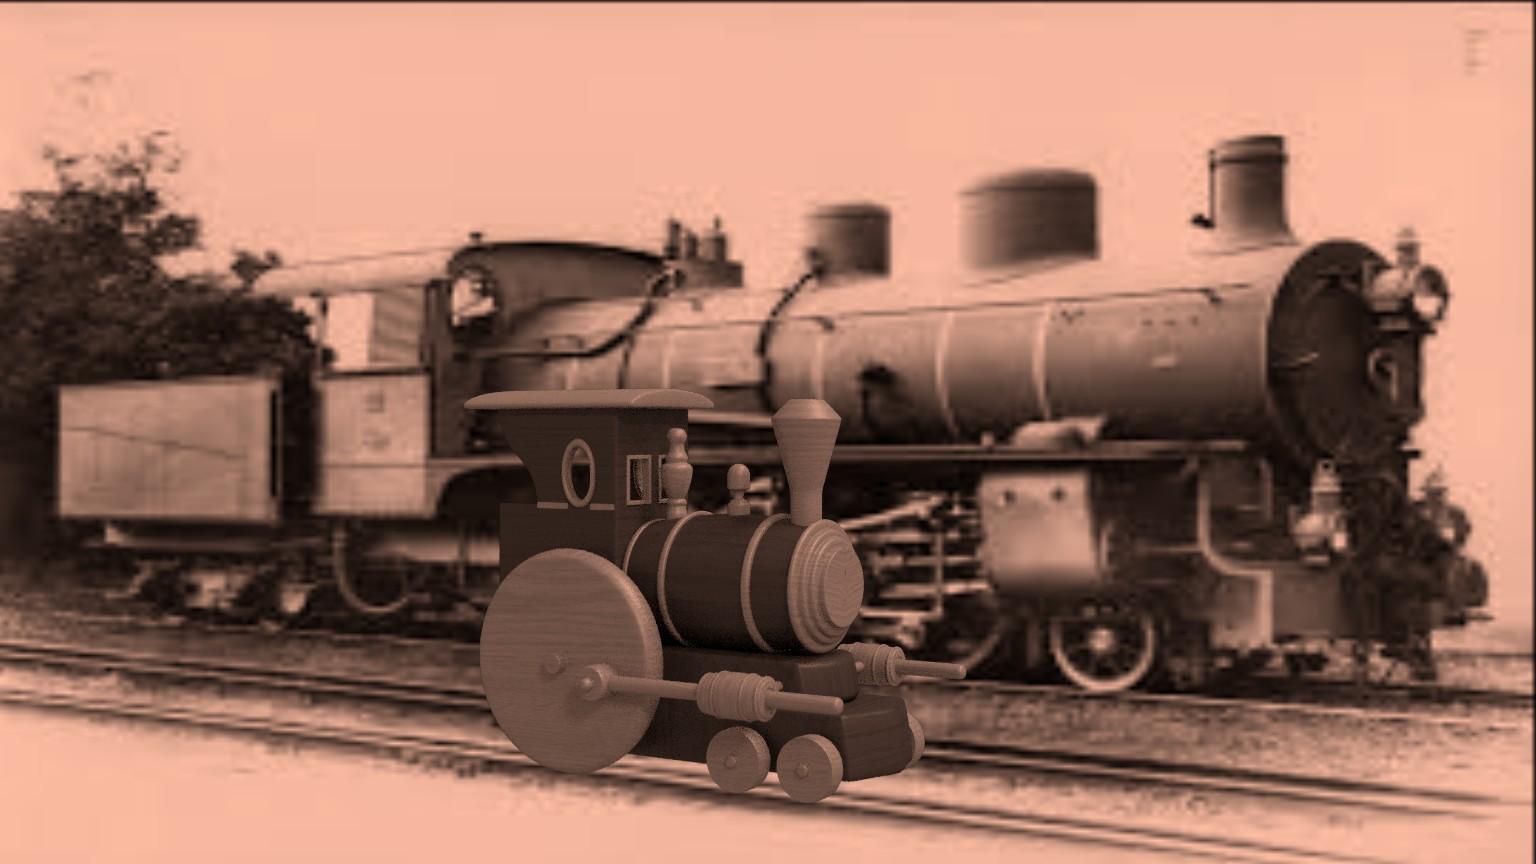 Tren madera juguete 2-tren_2.jpg